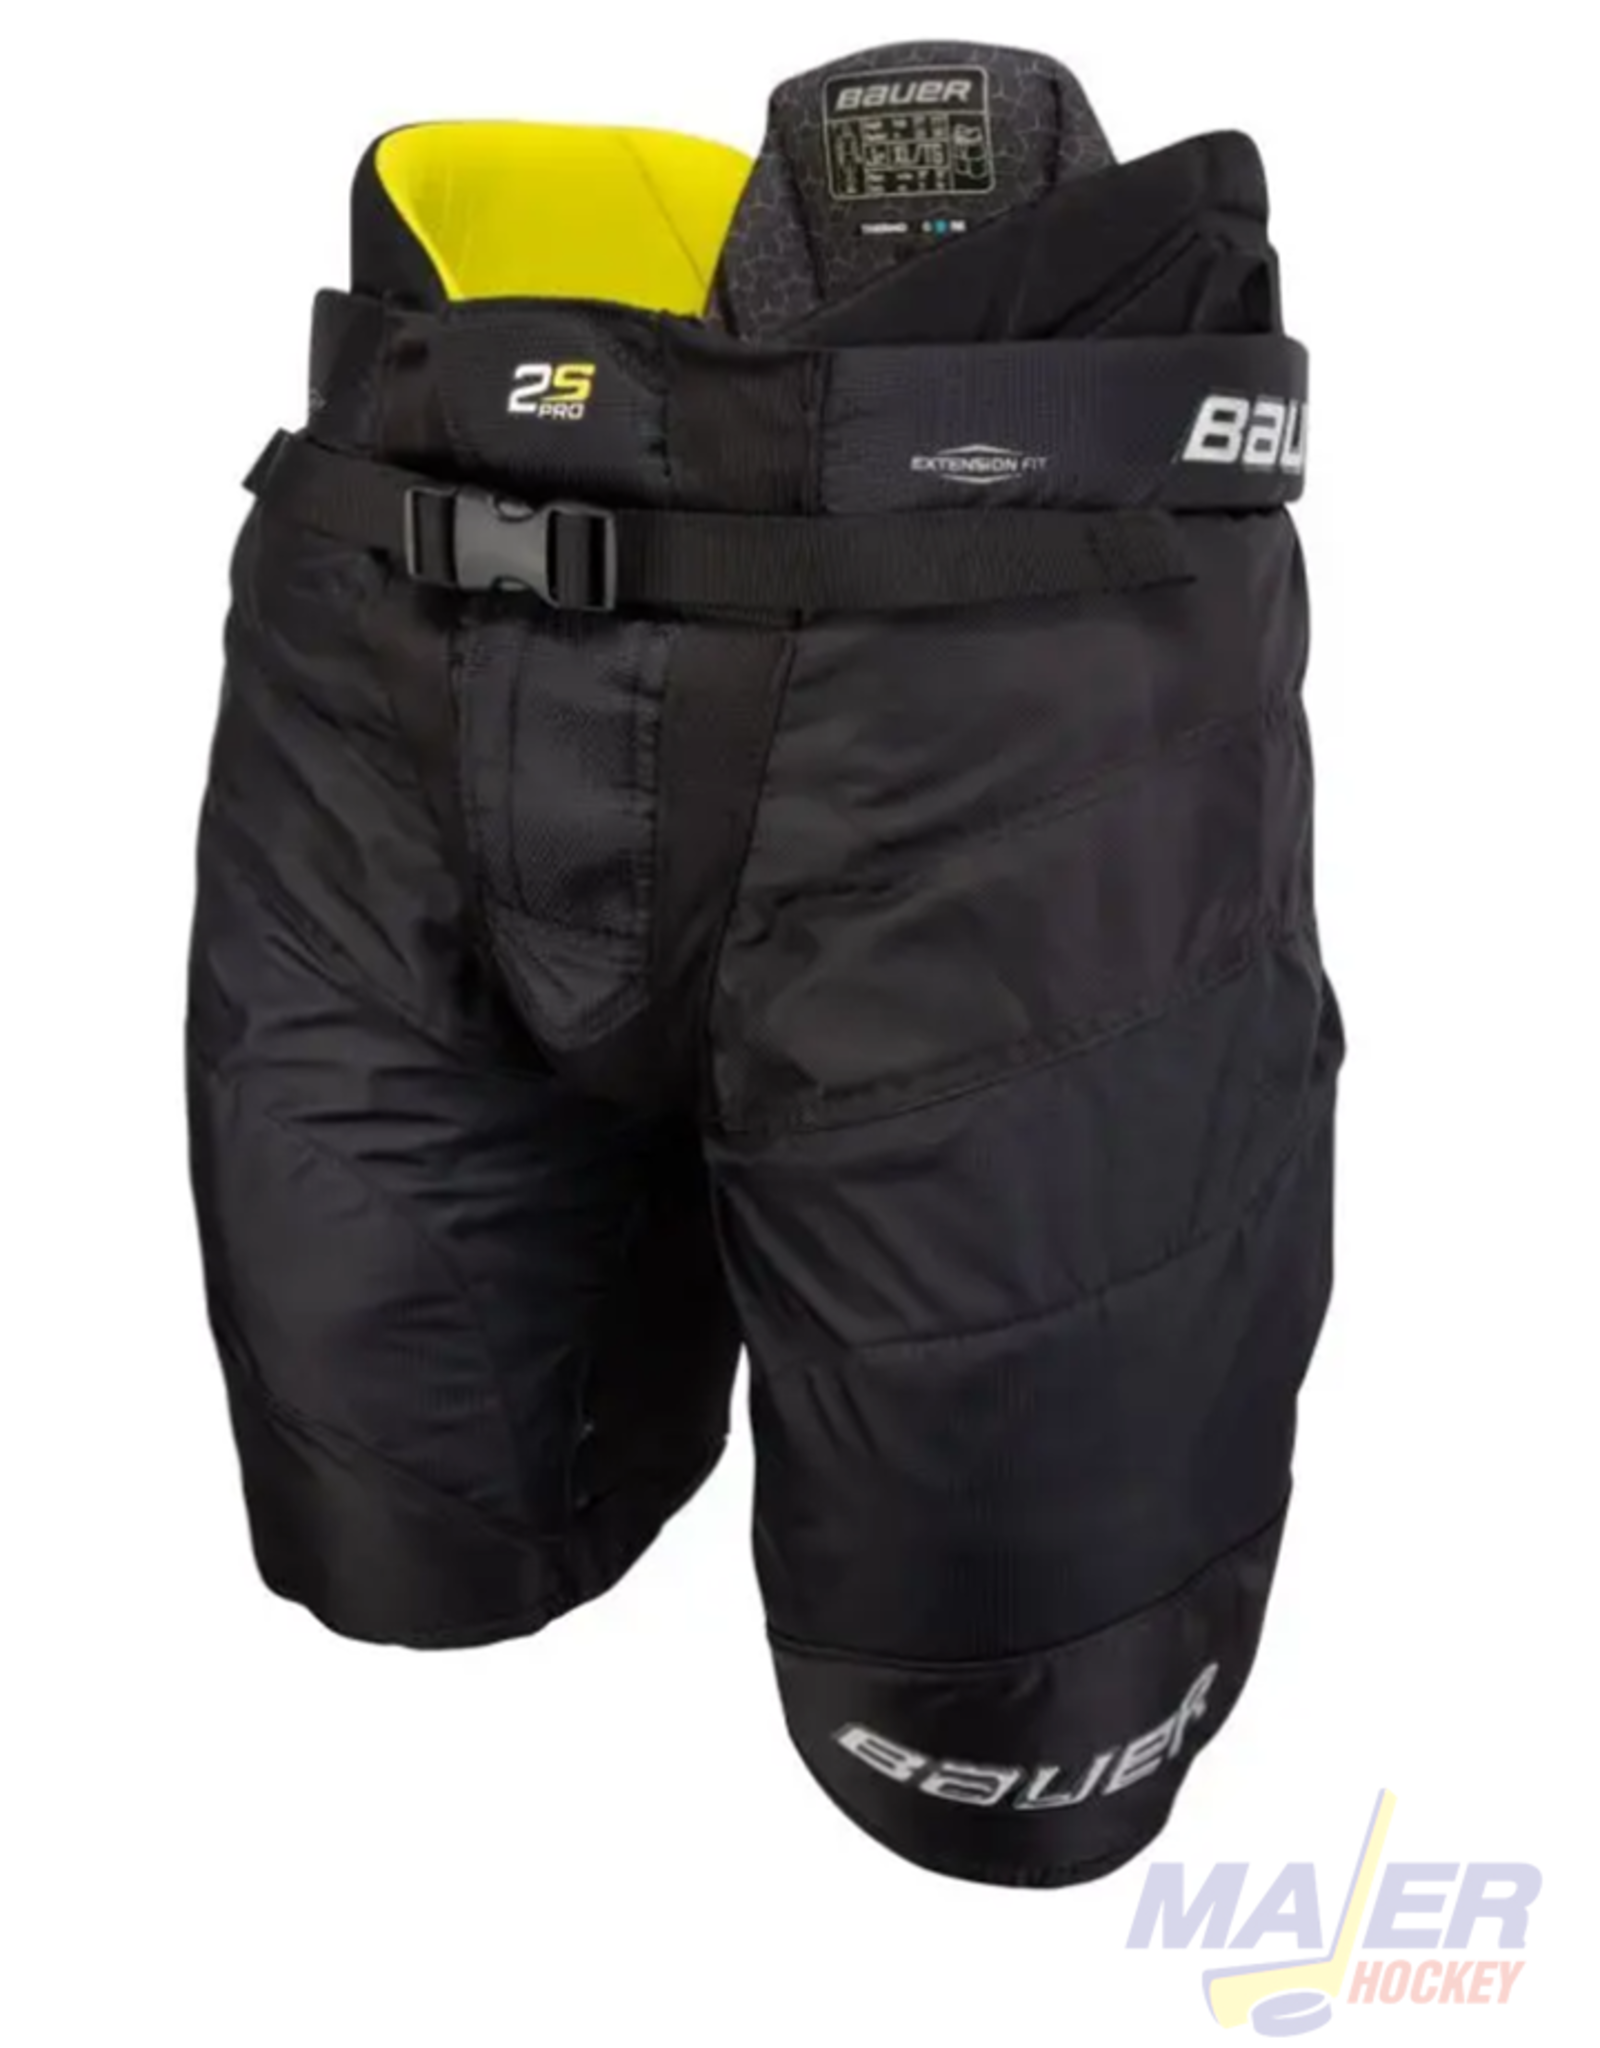 Bauer Supreme 2S Pro Senior Pants